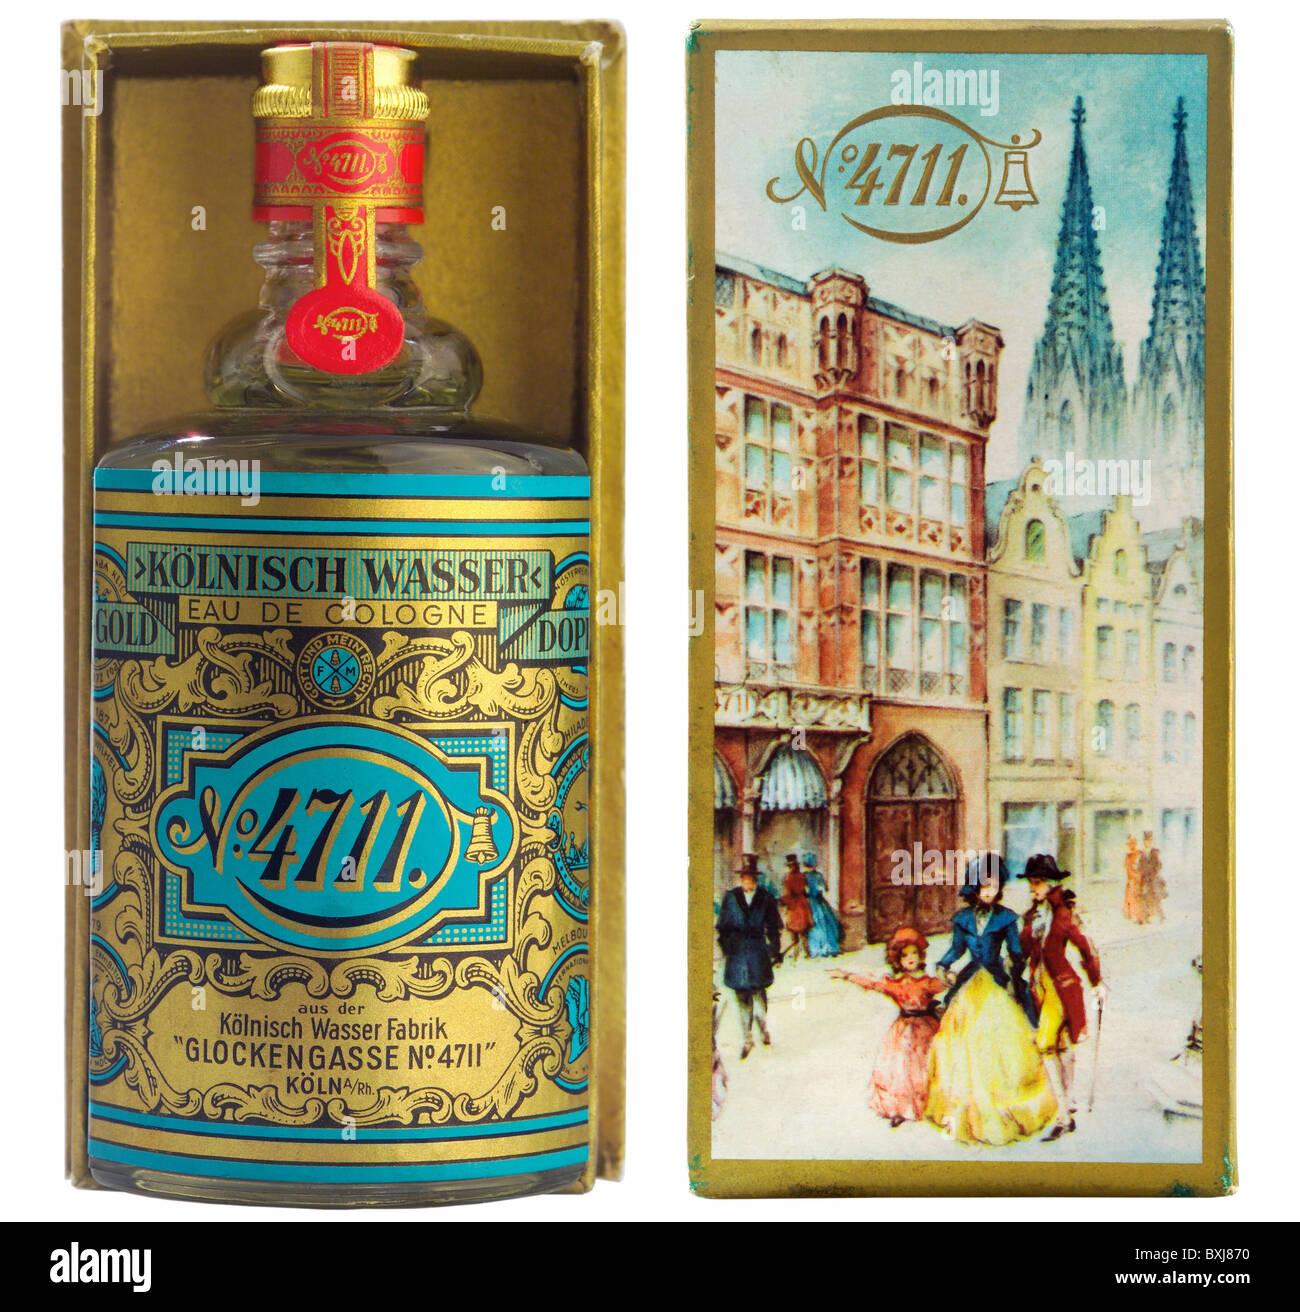 Cosmetici, profumi, Eau de Cologne, bottiglia 4711, Germania, circa 1959, 1950s, 50s, xx secolo, la storica, storica, Immagini Stock